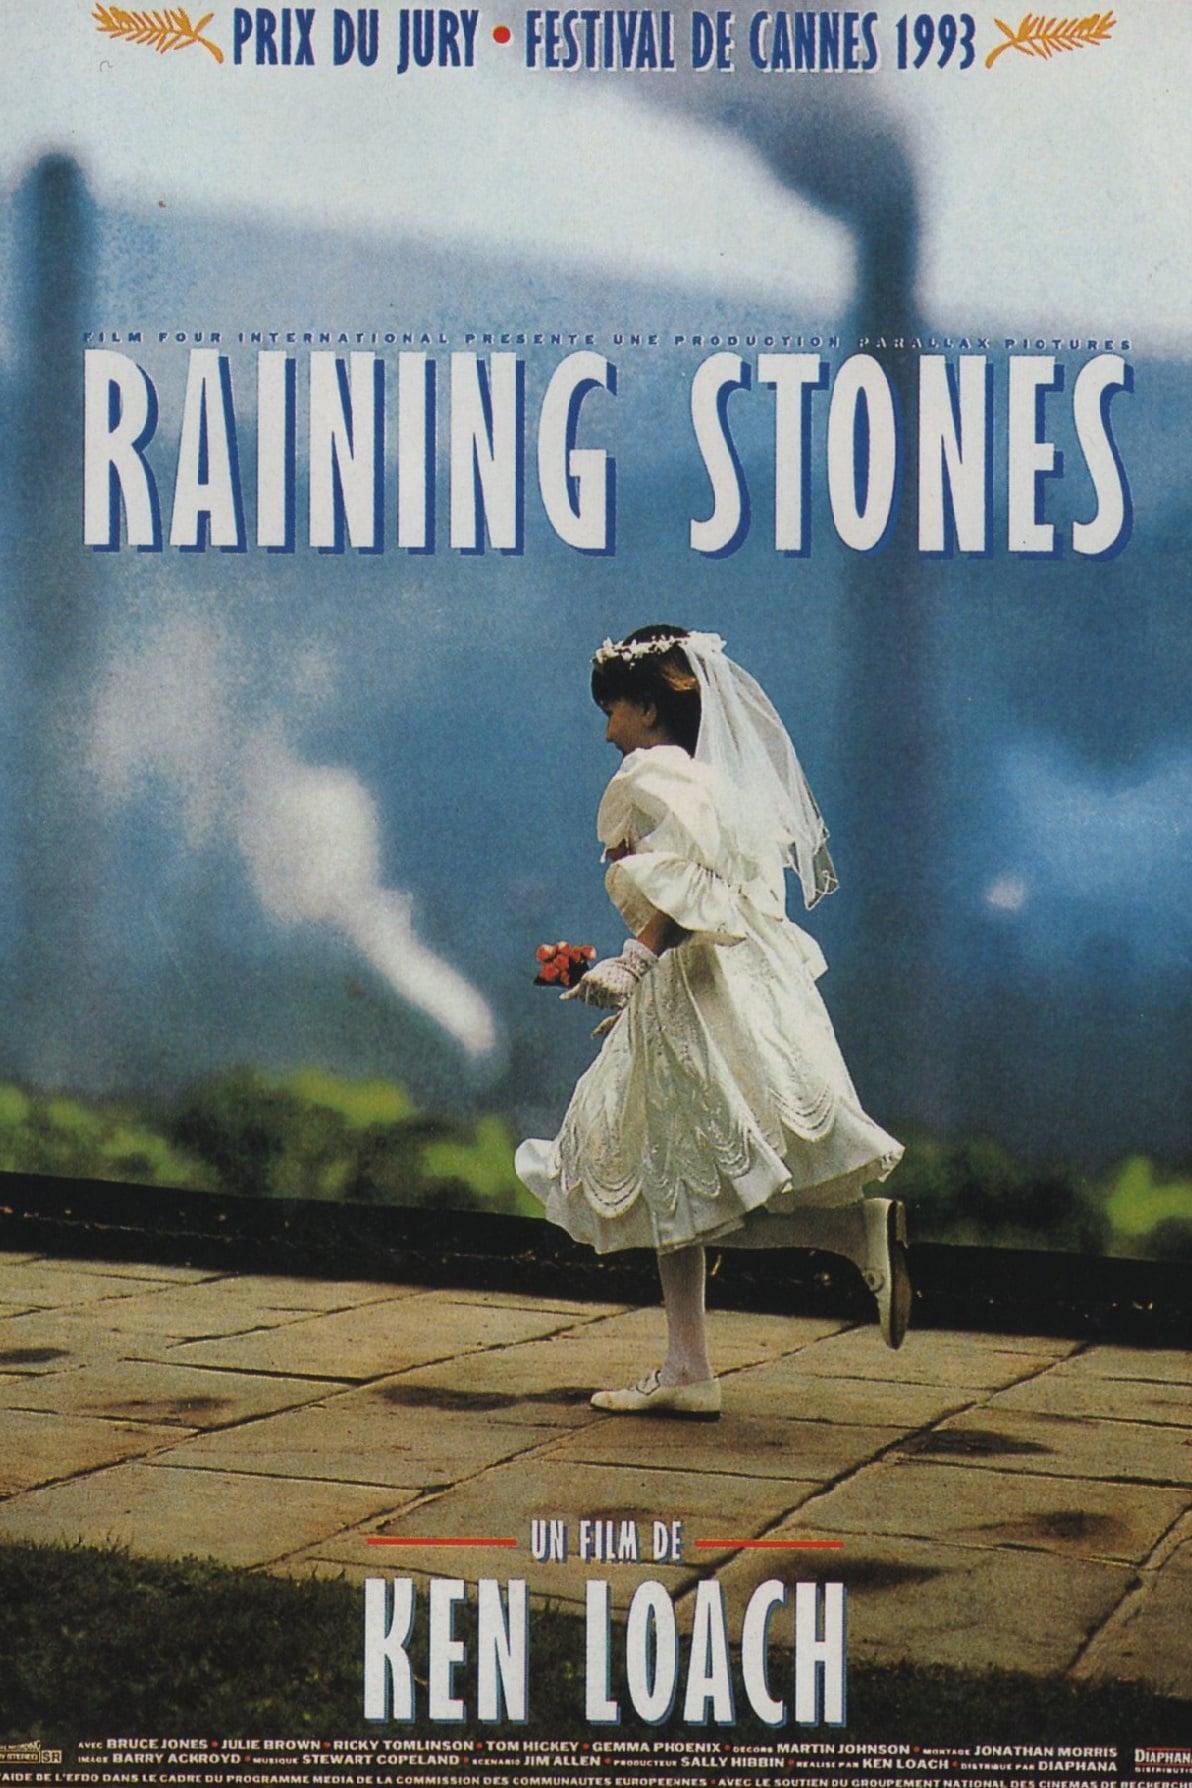 affiche du film Raining stones